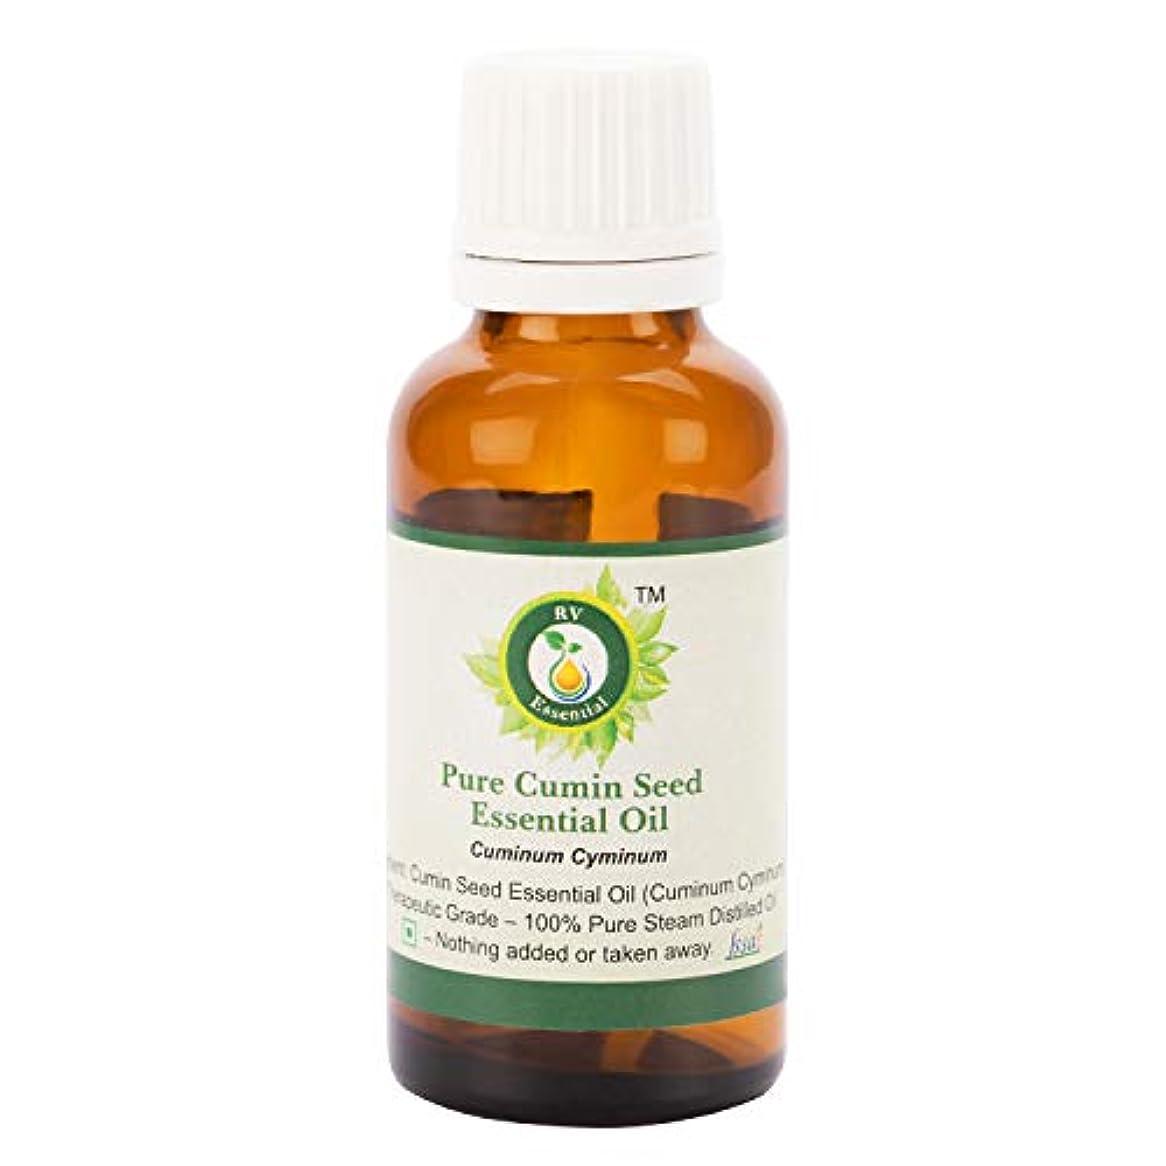 休日くつろぎペインティングピュアクミンシードエッセンシャルオイル5ml (0.169oz)- Cuminum Cyminum (100%純粋&天然スチームDistilled) Pure Cumin Seed Essential Oil